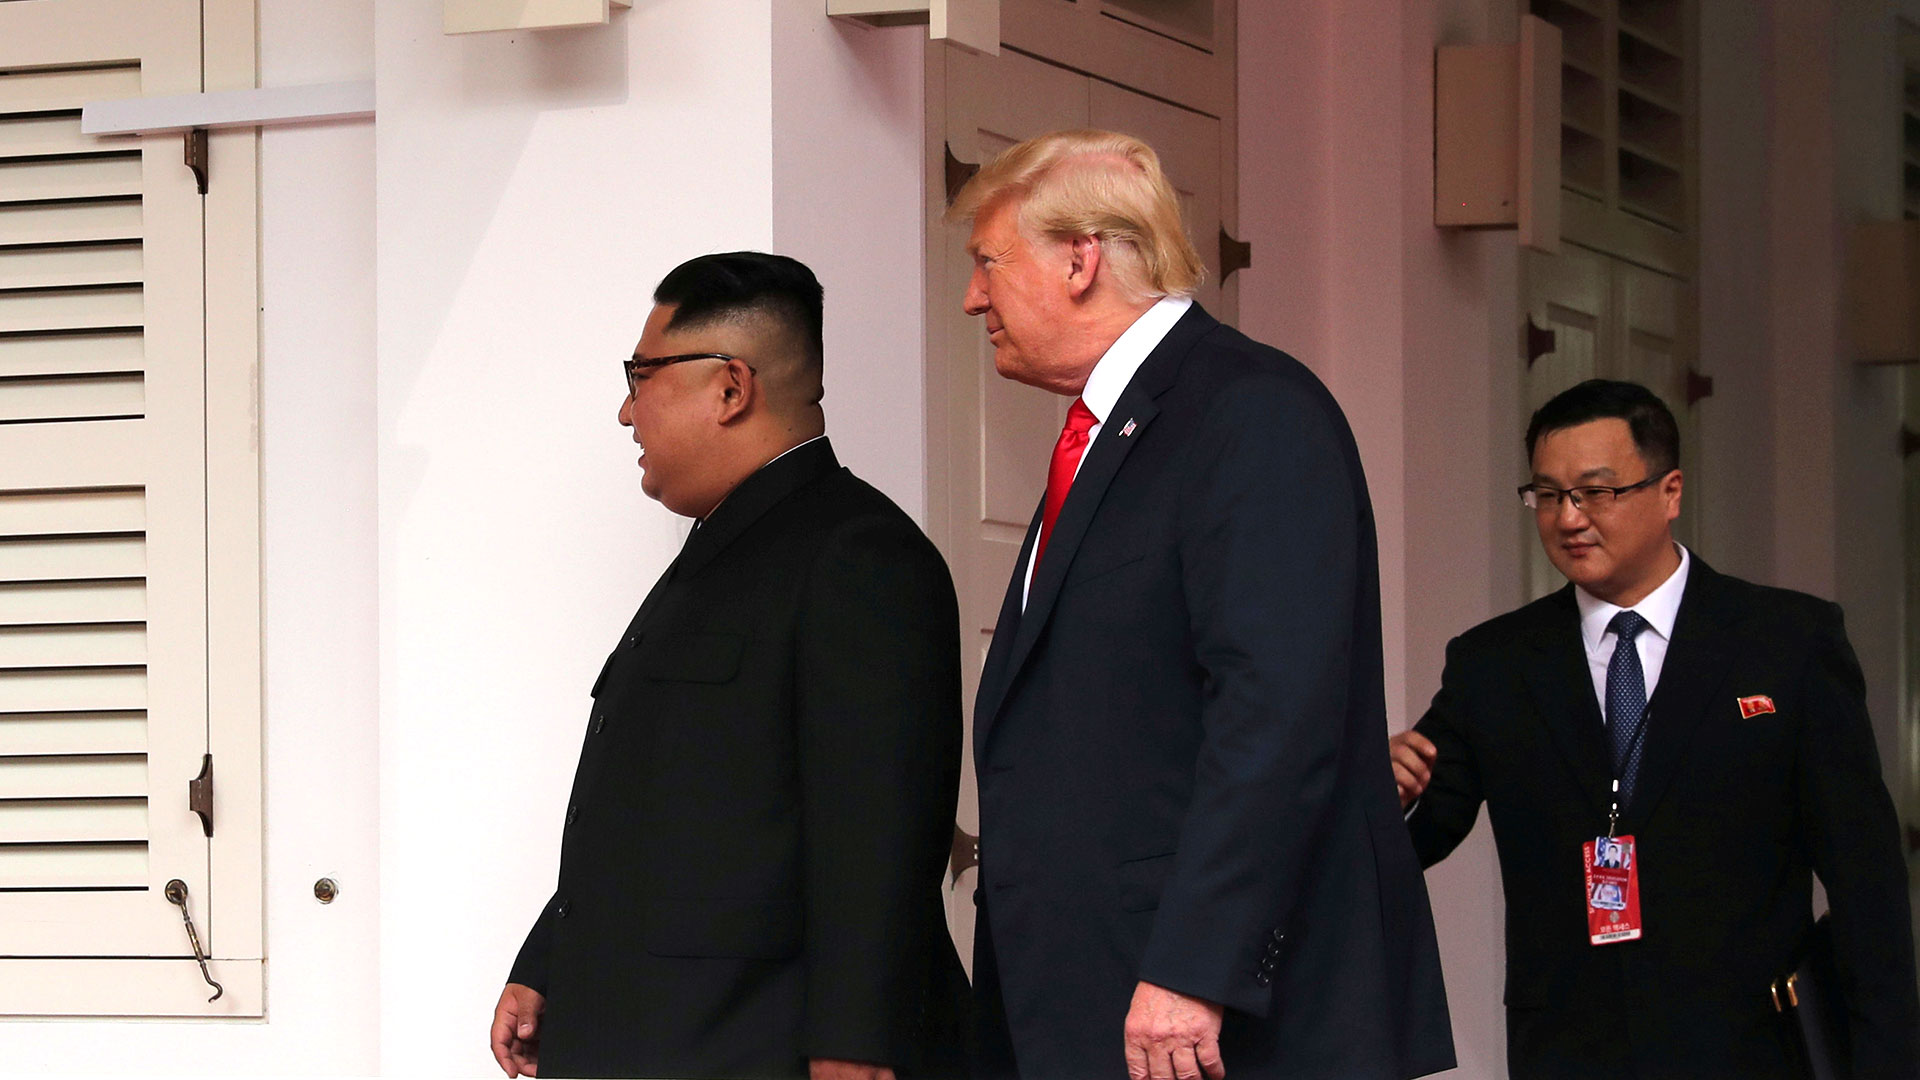 Un intérprete acompañó a los dos líderes. (Reuters)